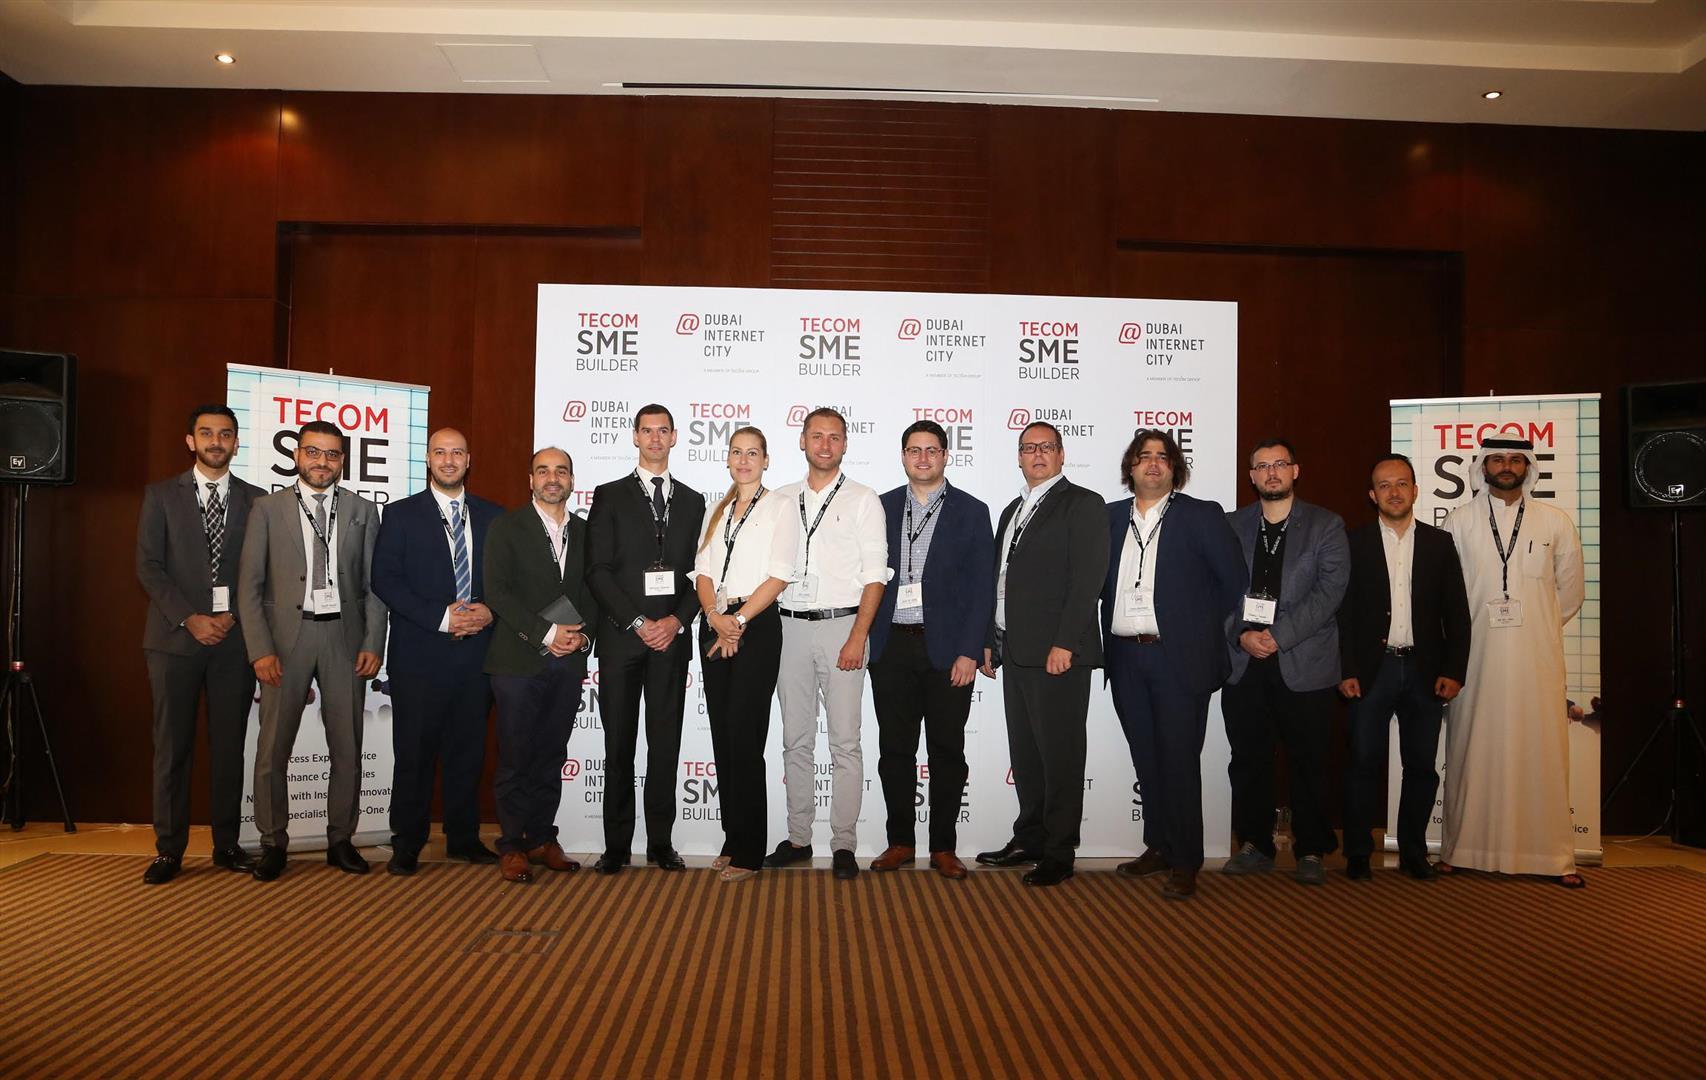 """مدينة دبي للإنترنت تستضيف النسخة الـ20 من """"ملتقى تيكوم لدعم المشاريع الصغيرة والمتوسطة"""". 1"""